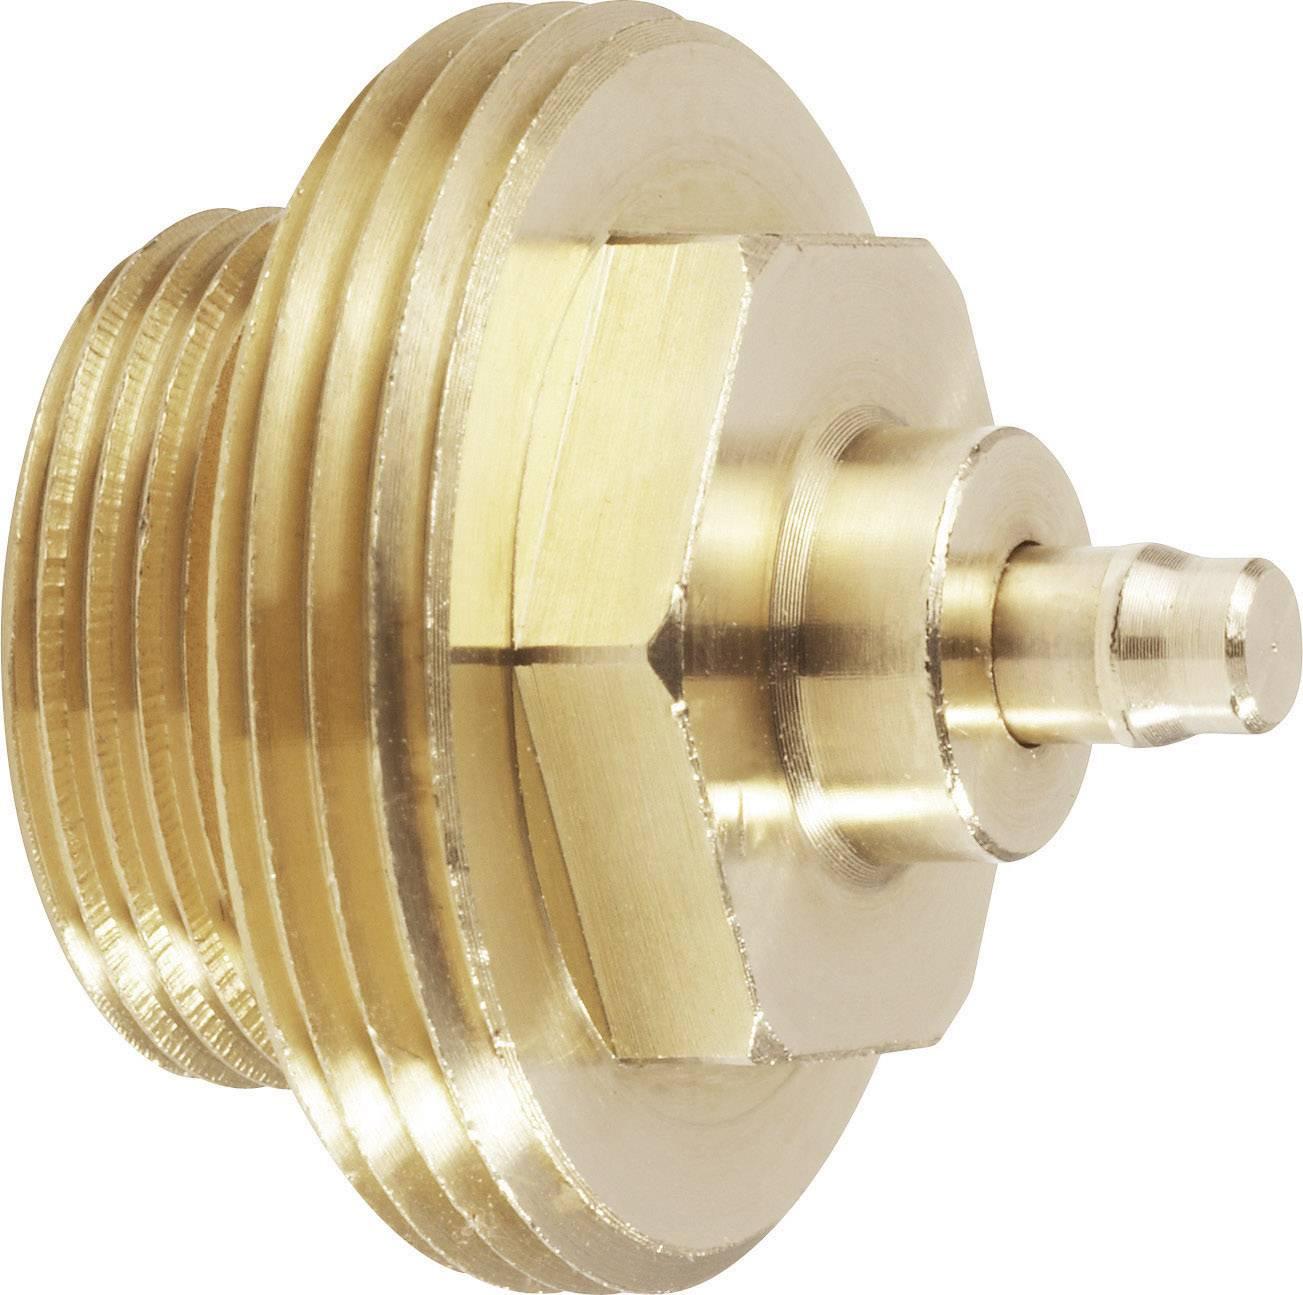 Mosazný adaptér termostatického ventilu Gampper 700 100 012-2 vhodný pro topné těleso Gamper, M20 do hloubky více jak 10 mm